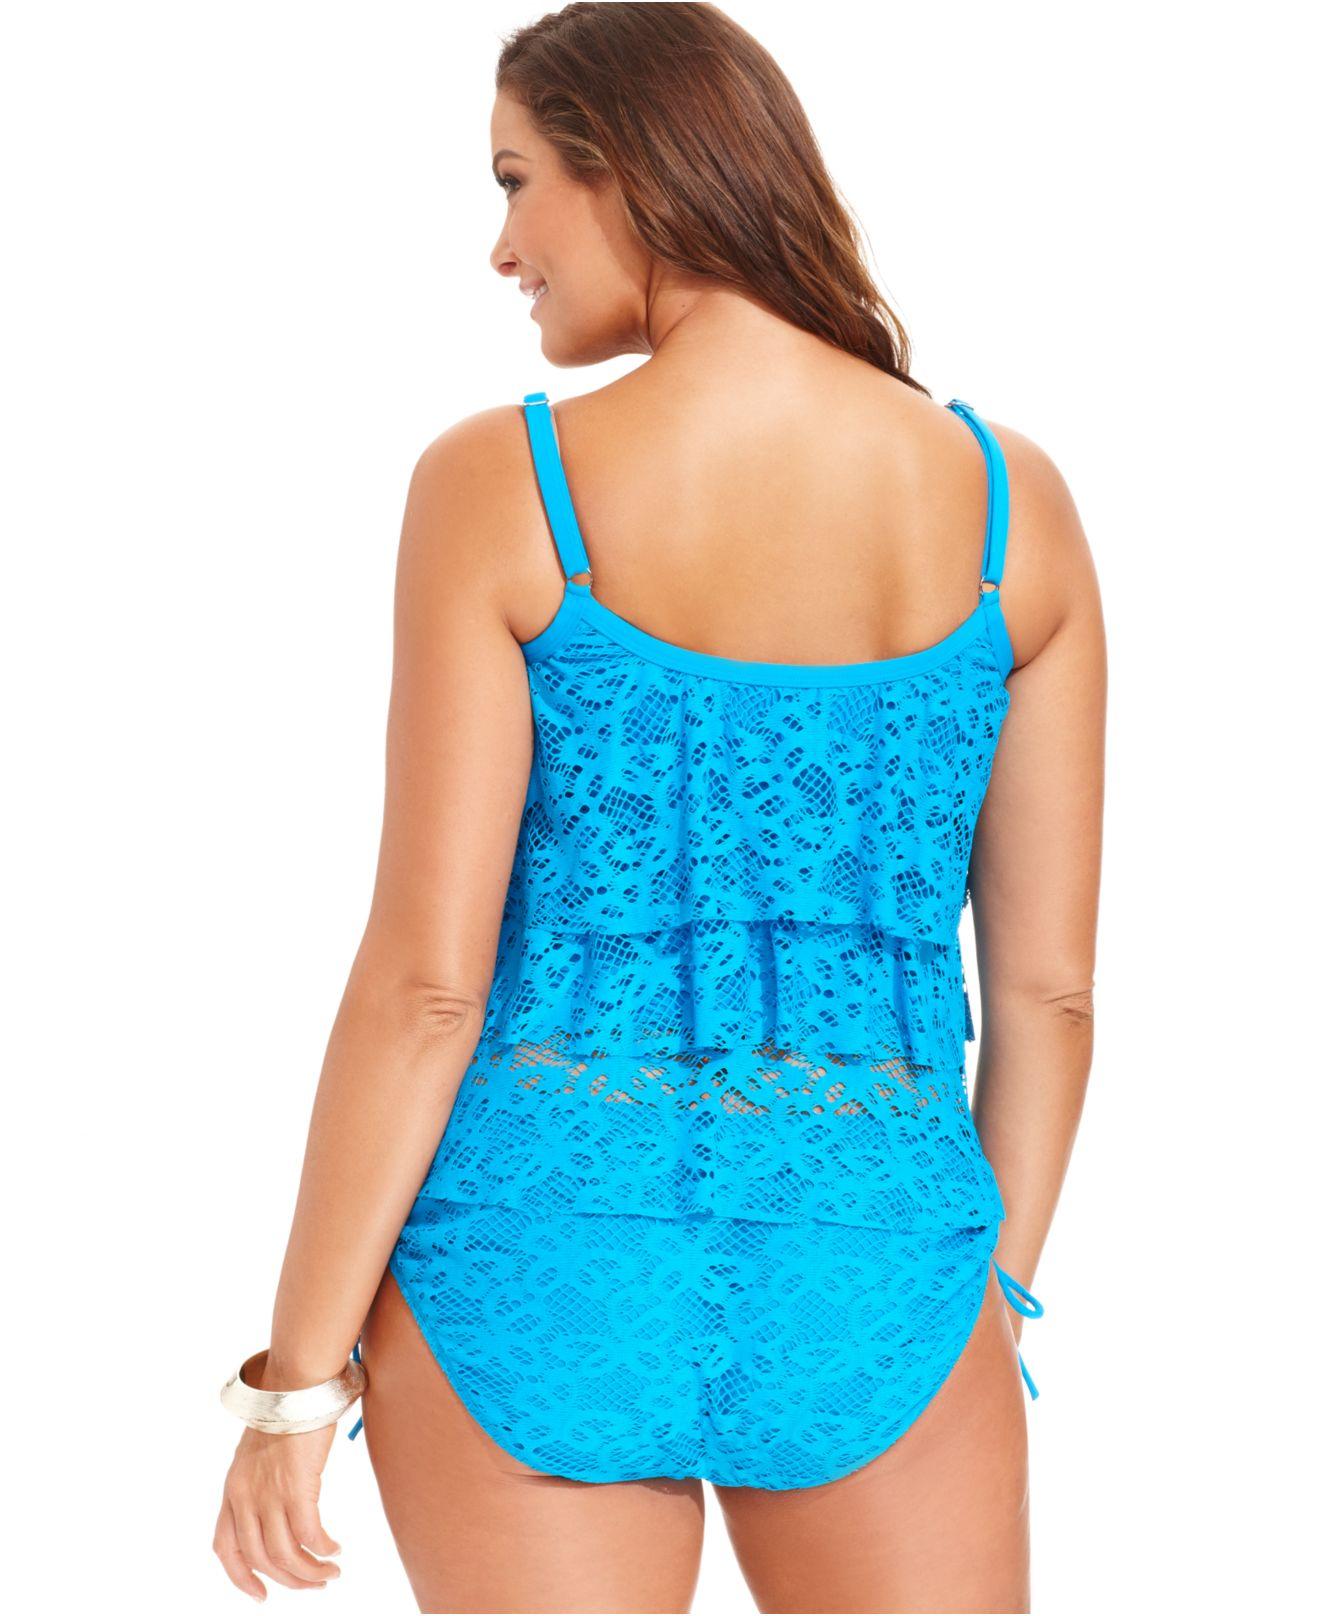 a7380e8b3f2 Lyst - Kenneth Cole Reaction Plus Size Crochet Side-Tie Bikini ...